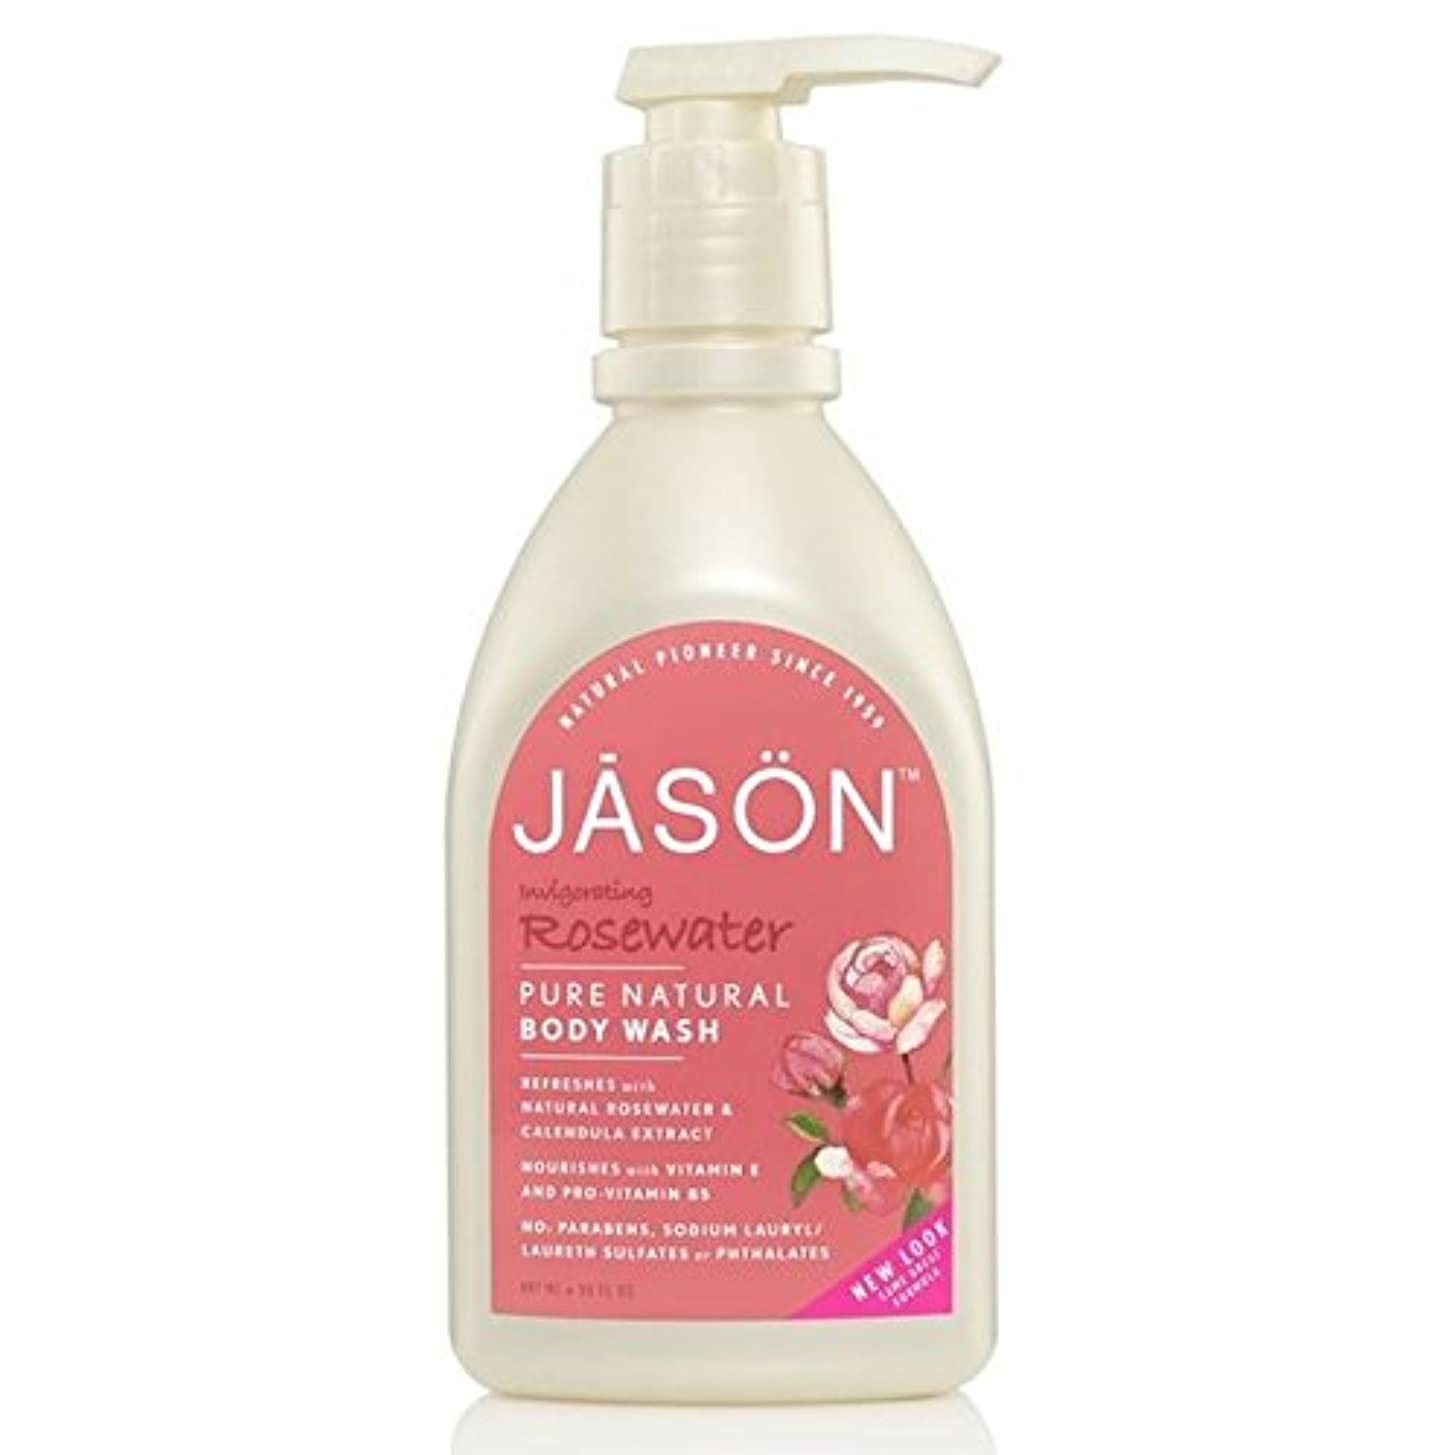 高価なおいしい火薬Jason Body Wash Rosewater Satin Shower 900ml - ジェイソン?ボディウォッシュローズウォーターサテンシャワー900ミリリットル [並行輸入品]